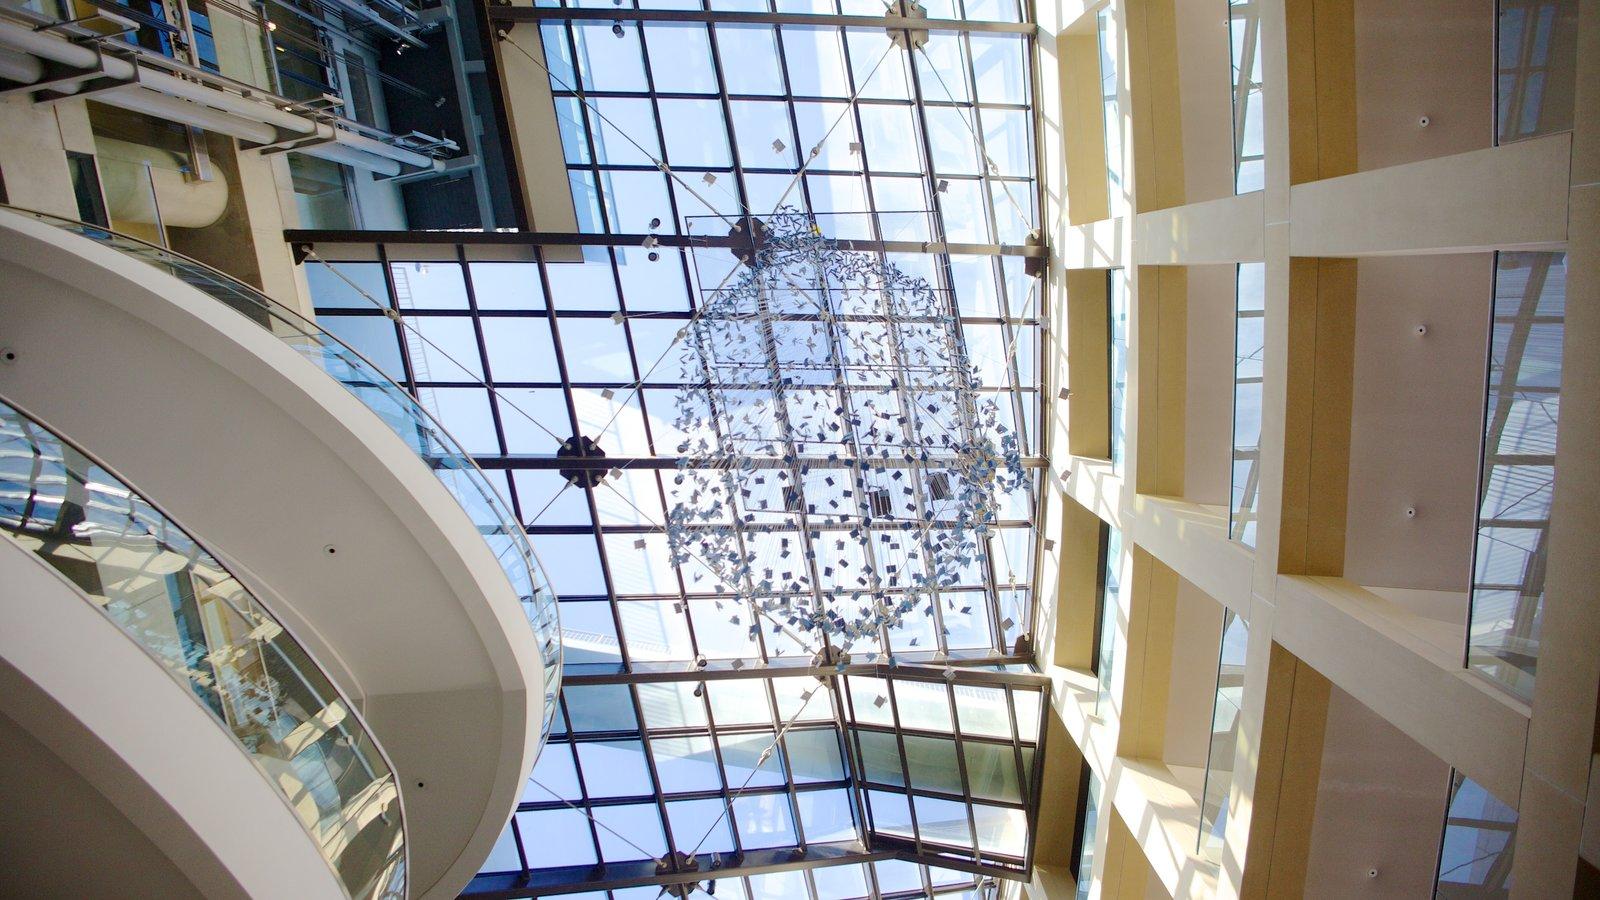 Edifício Principal da Biblioteca Pública de Salt Lake mostrando vistas internas e arquitetura moderna